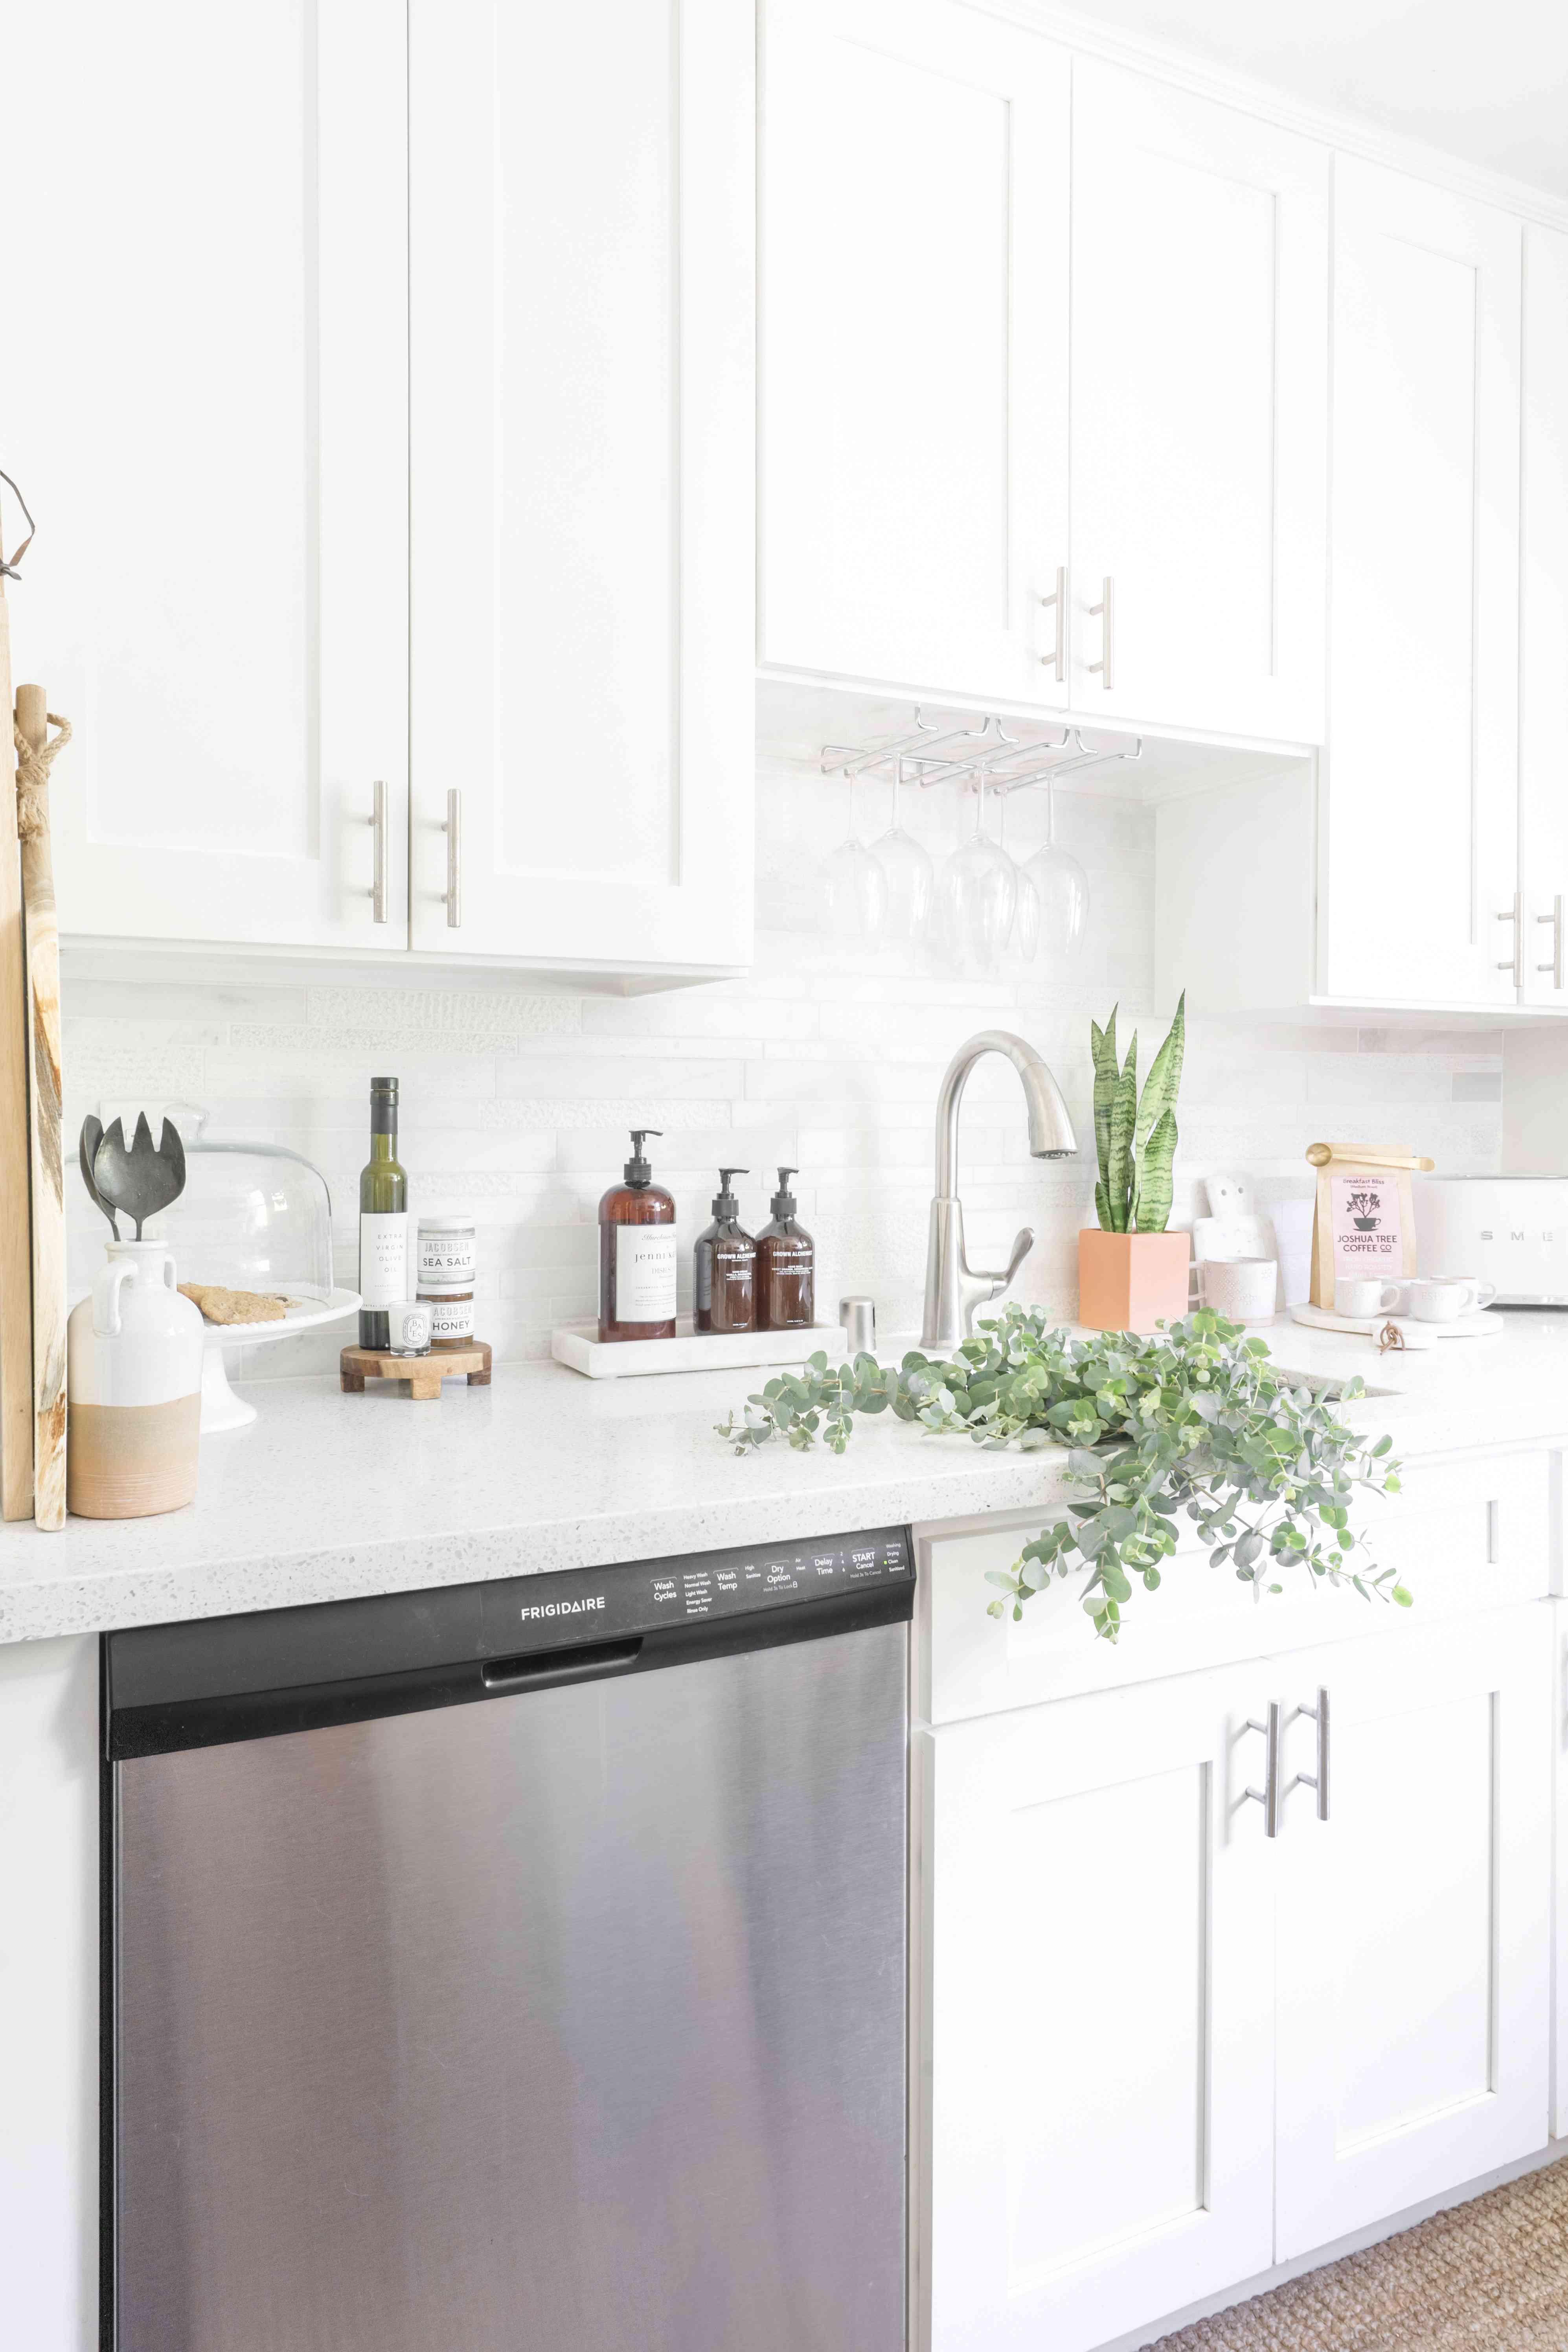 alisha agrellas home tour - kitchen with plants